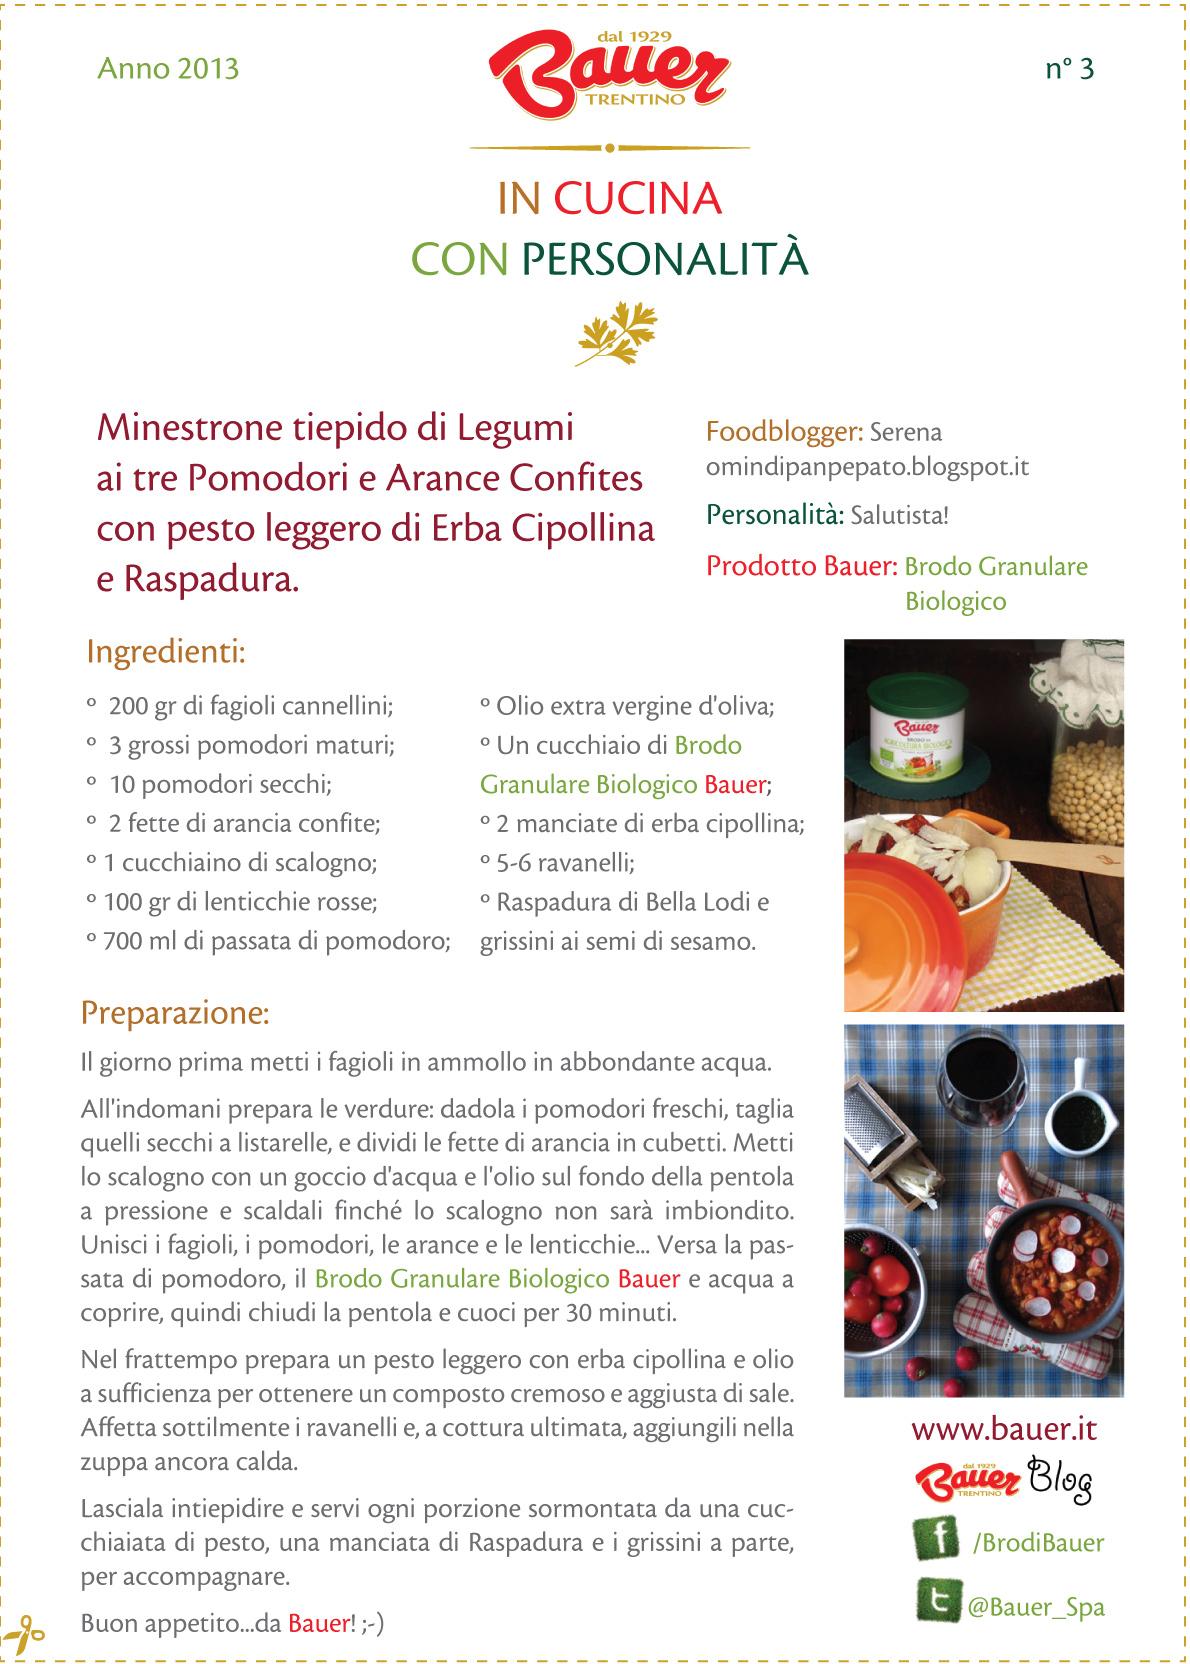 In-cucina-con-personalita-ricetta3-serena